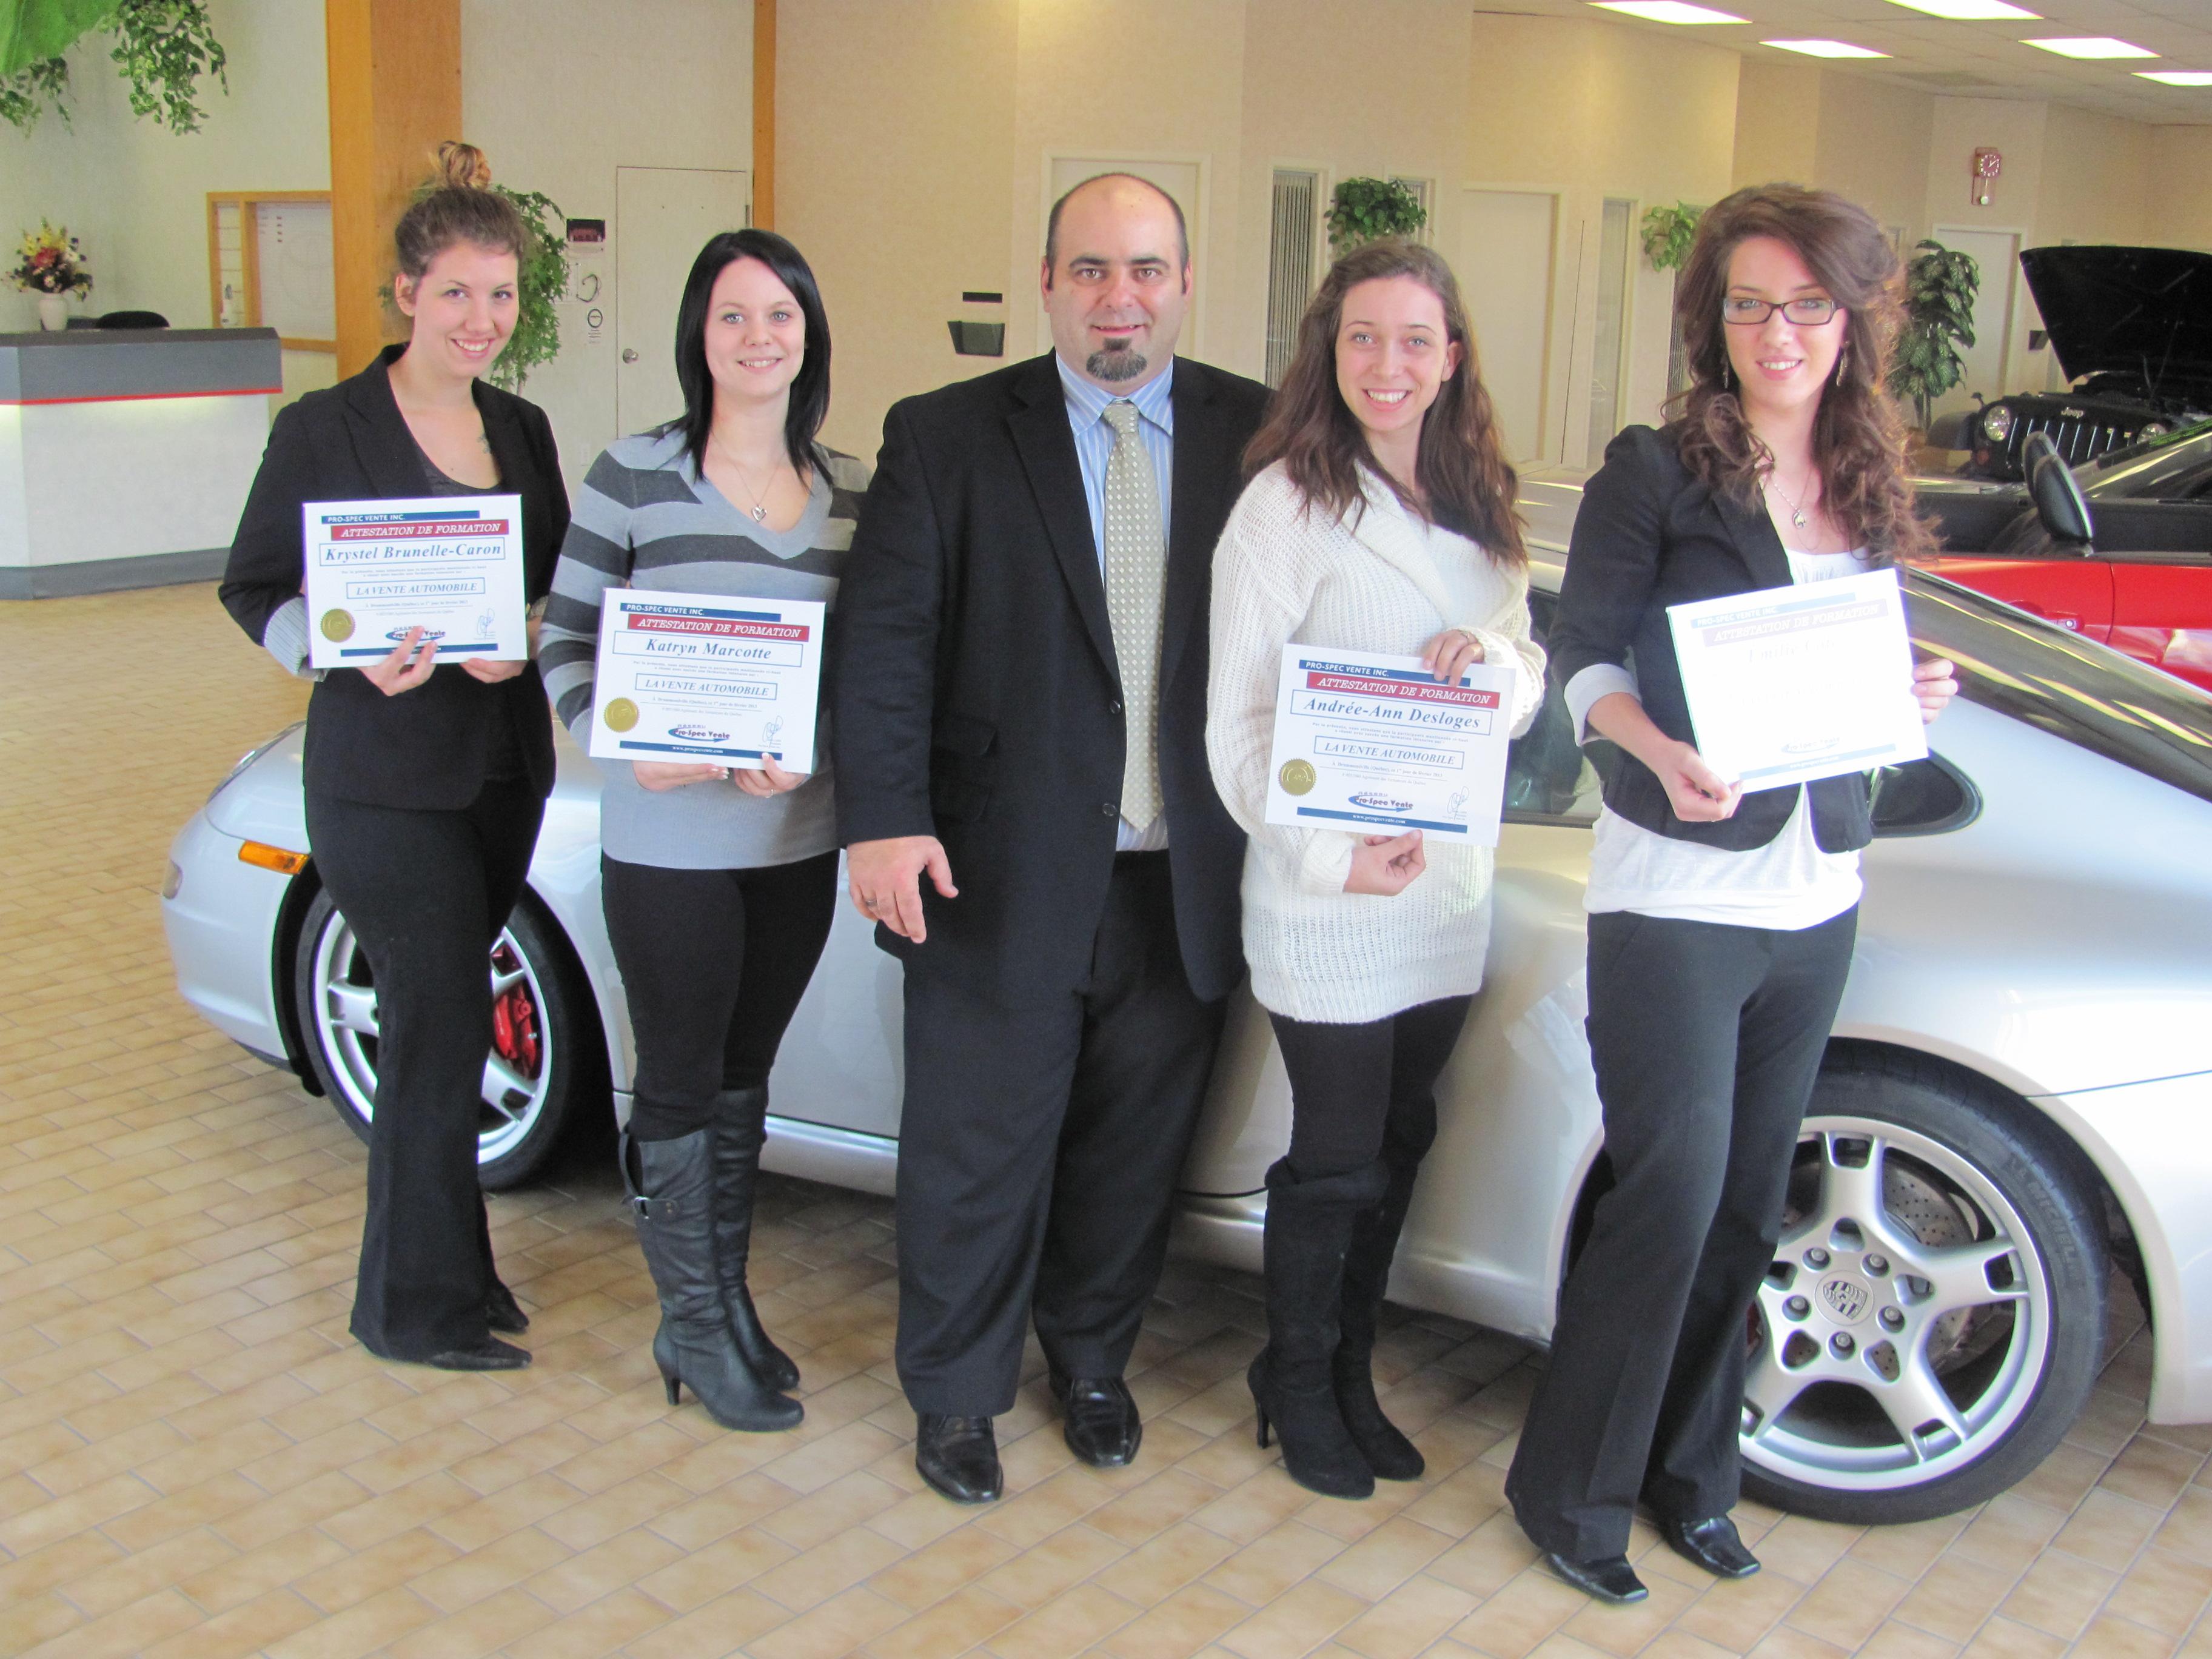 Nouvelles dipl m es en vente automobile pro spec vente for Bureau pro drummondville